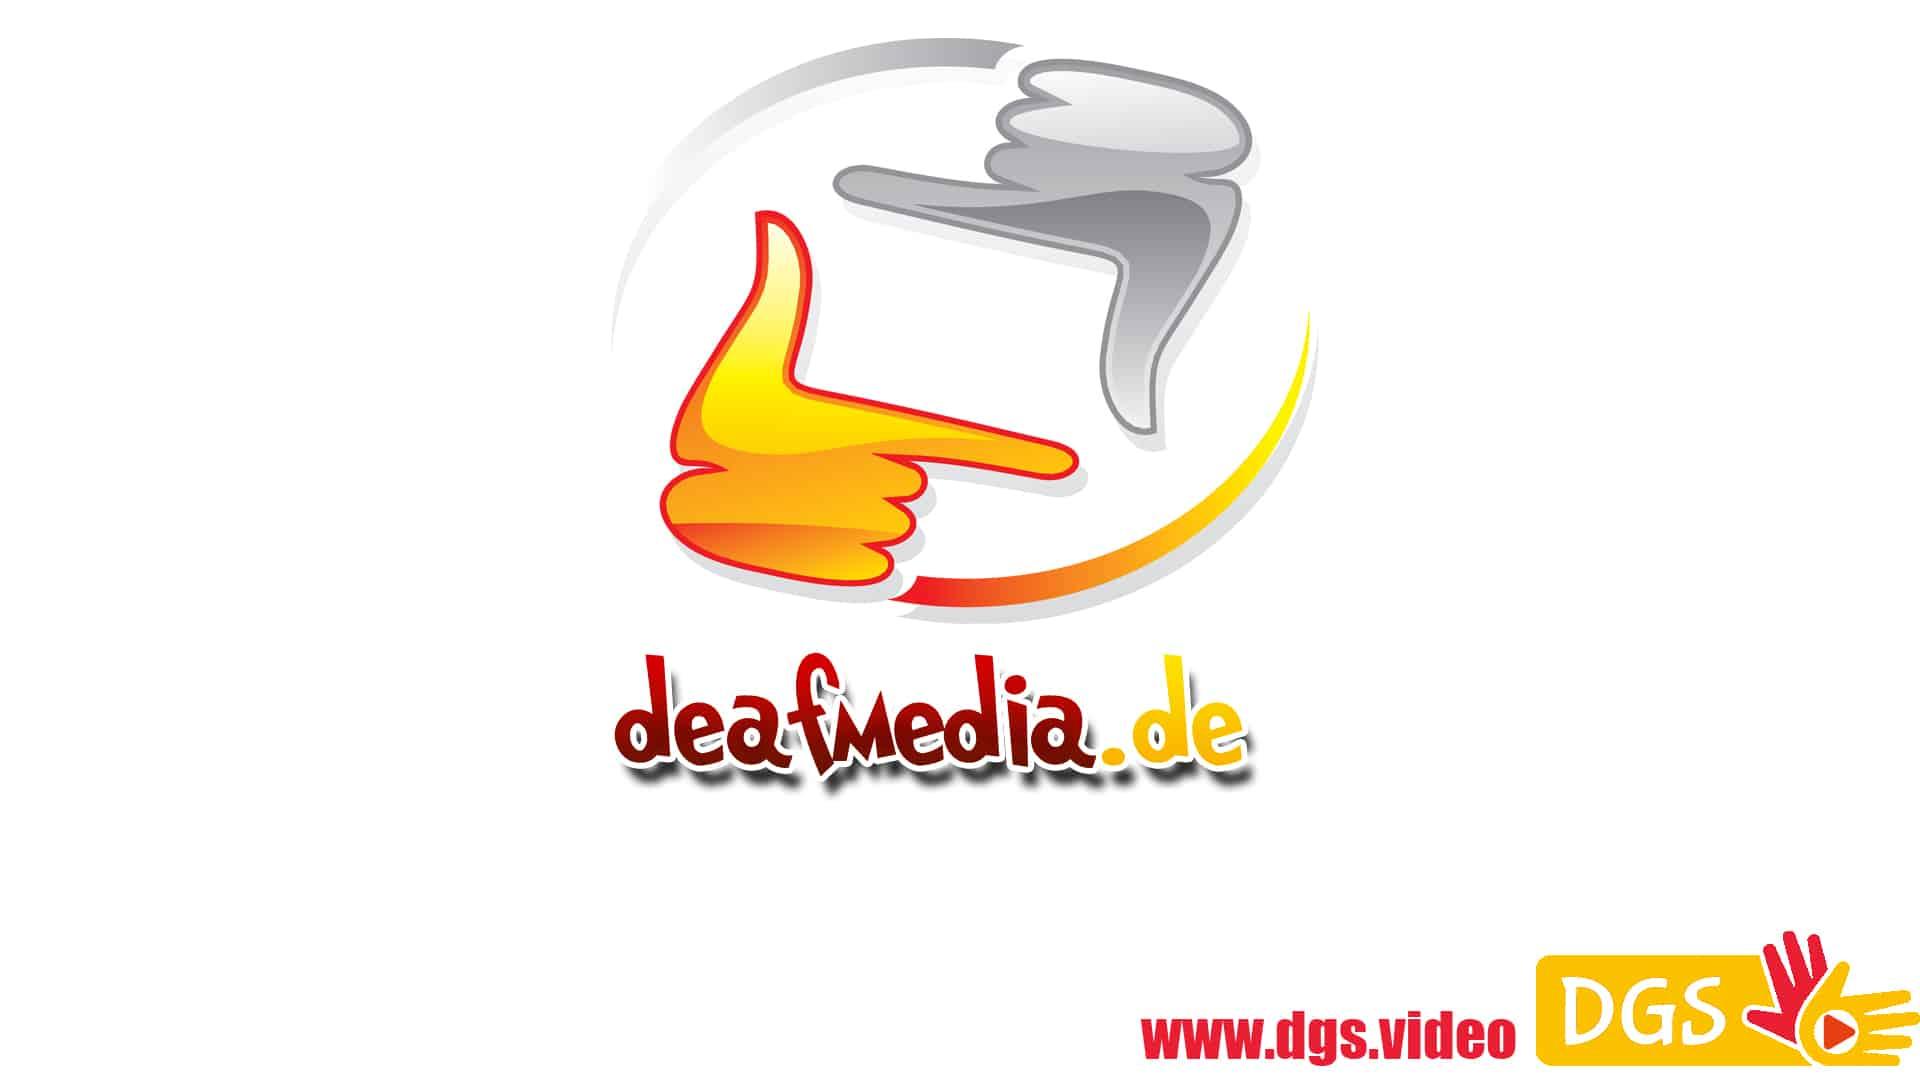 deafmedia.de in dgs